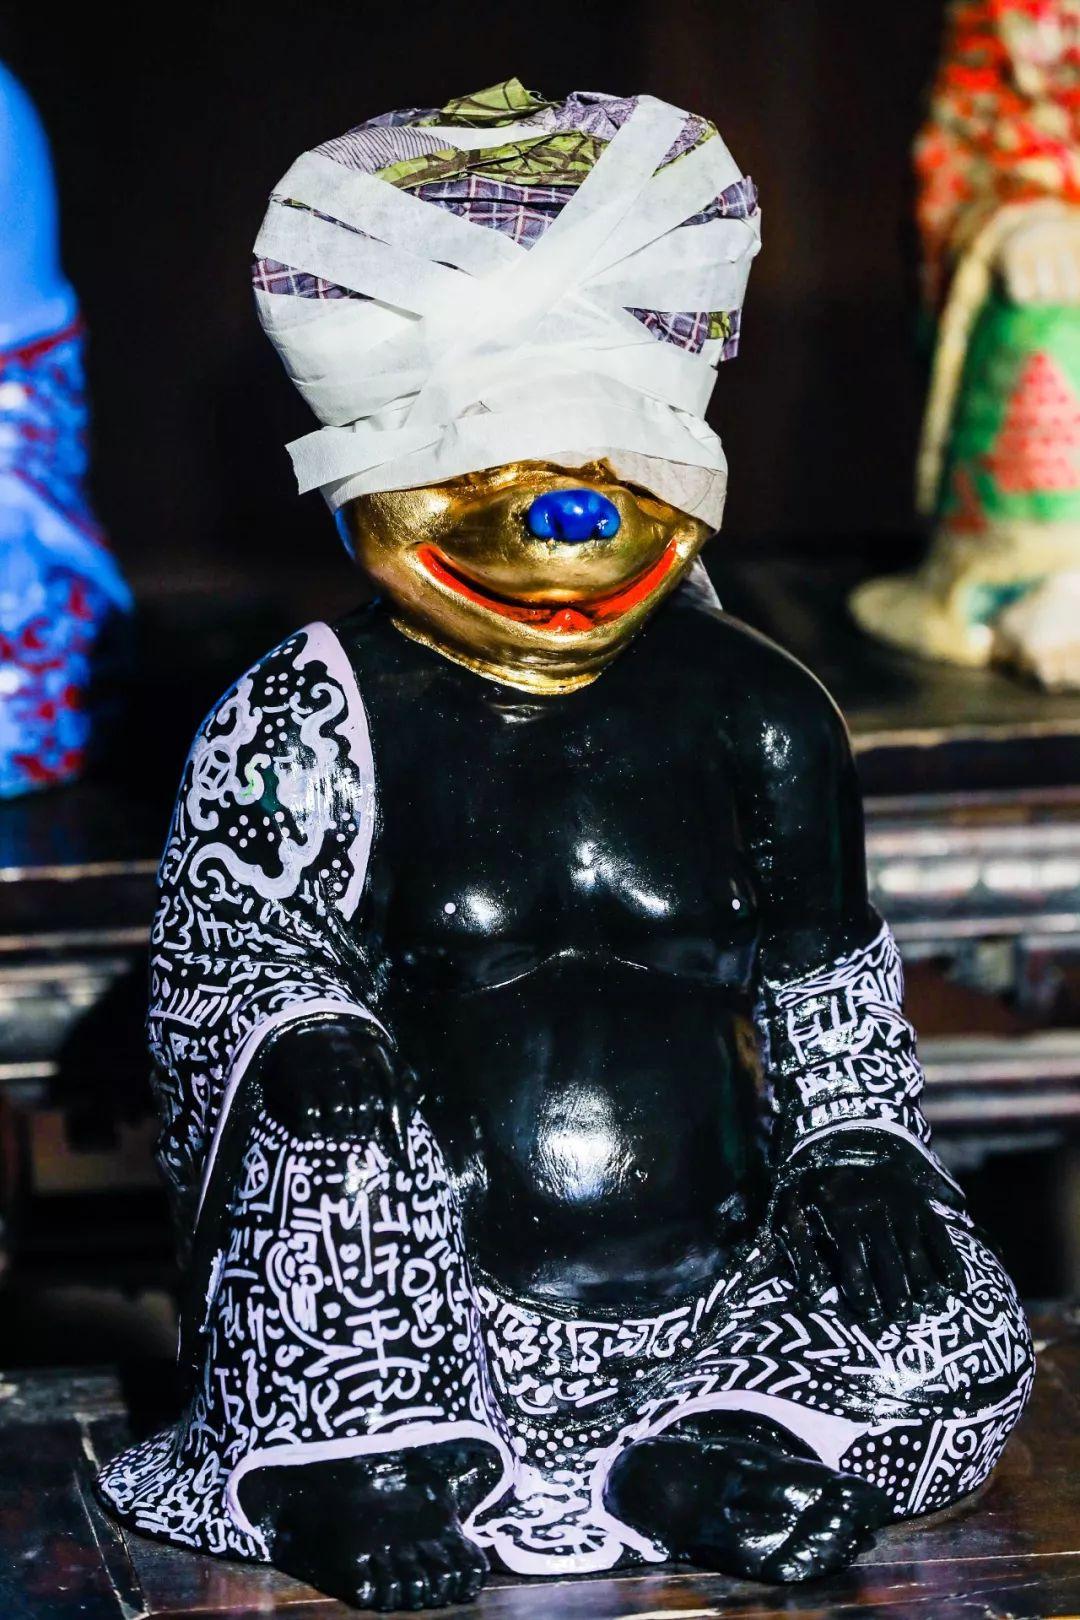 巴特尔佐力格&诺敏| 来自蒙古艺术家的一份礼物! 第18张